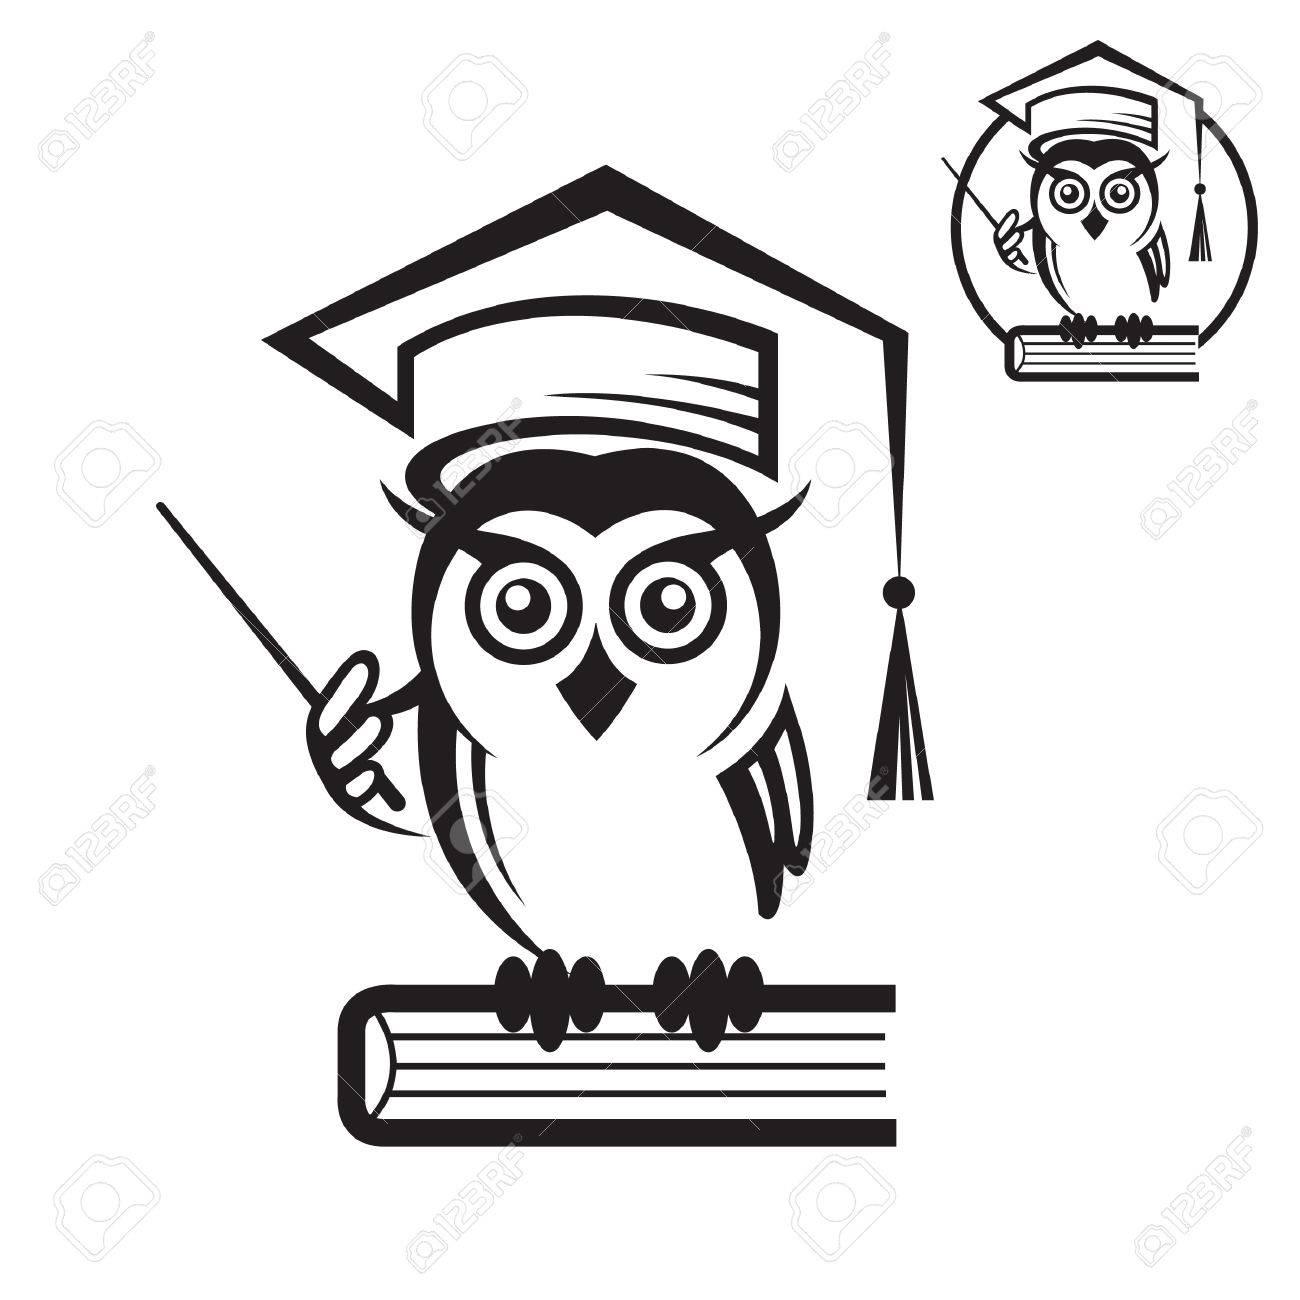 1300x1300 Cartoon Graduation Stock Photos. Royalty Free Business Images